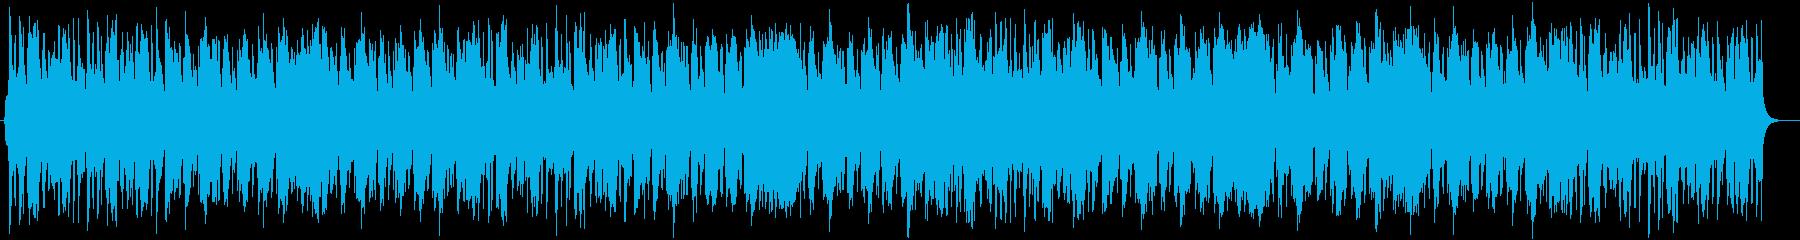 穏やかなポップスオーケストラの再生済みの波形